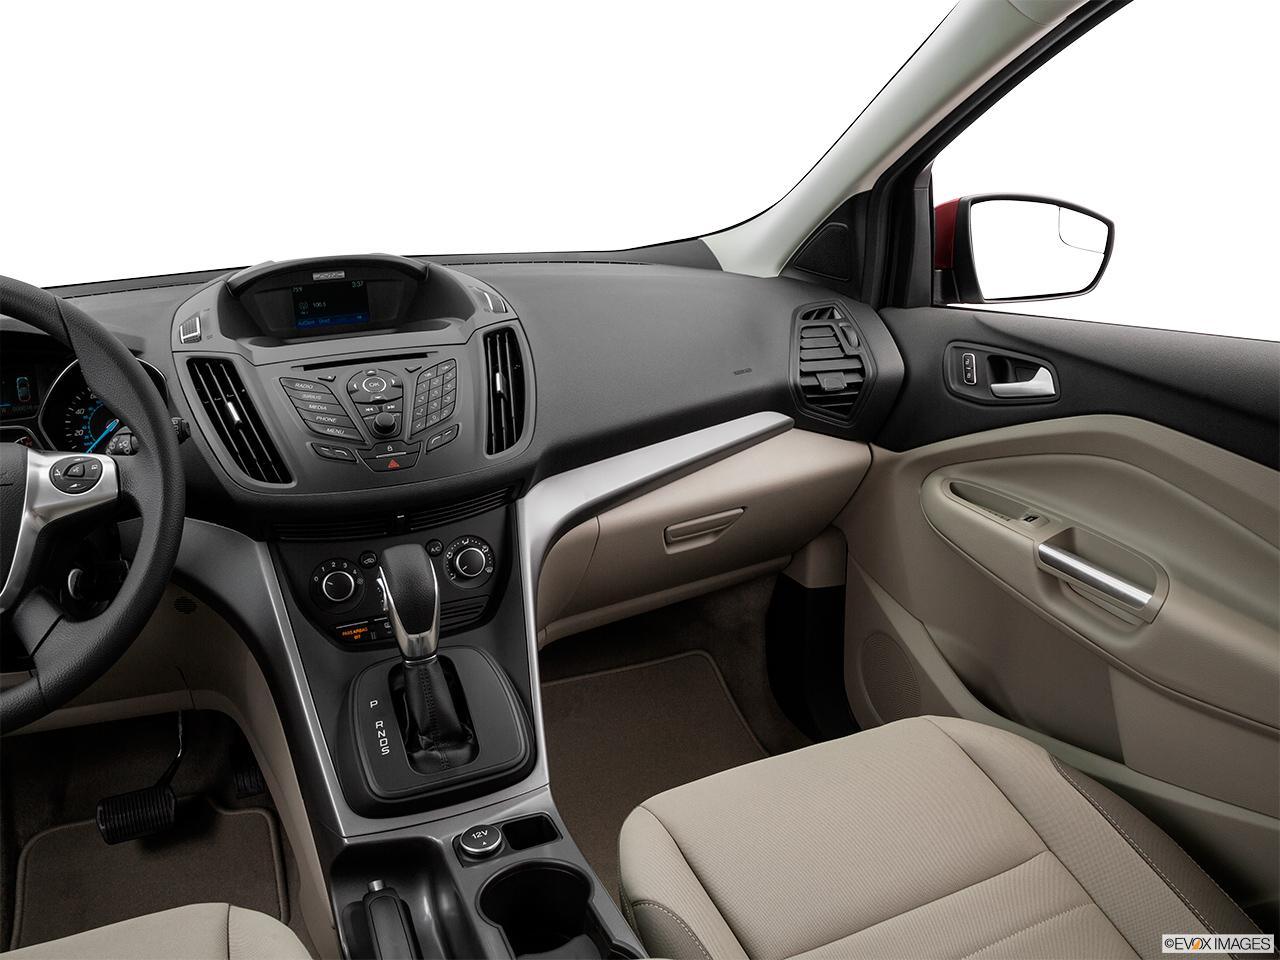 Ford Escape L Se Qatar Center Console Passenger Side